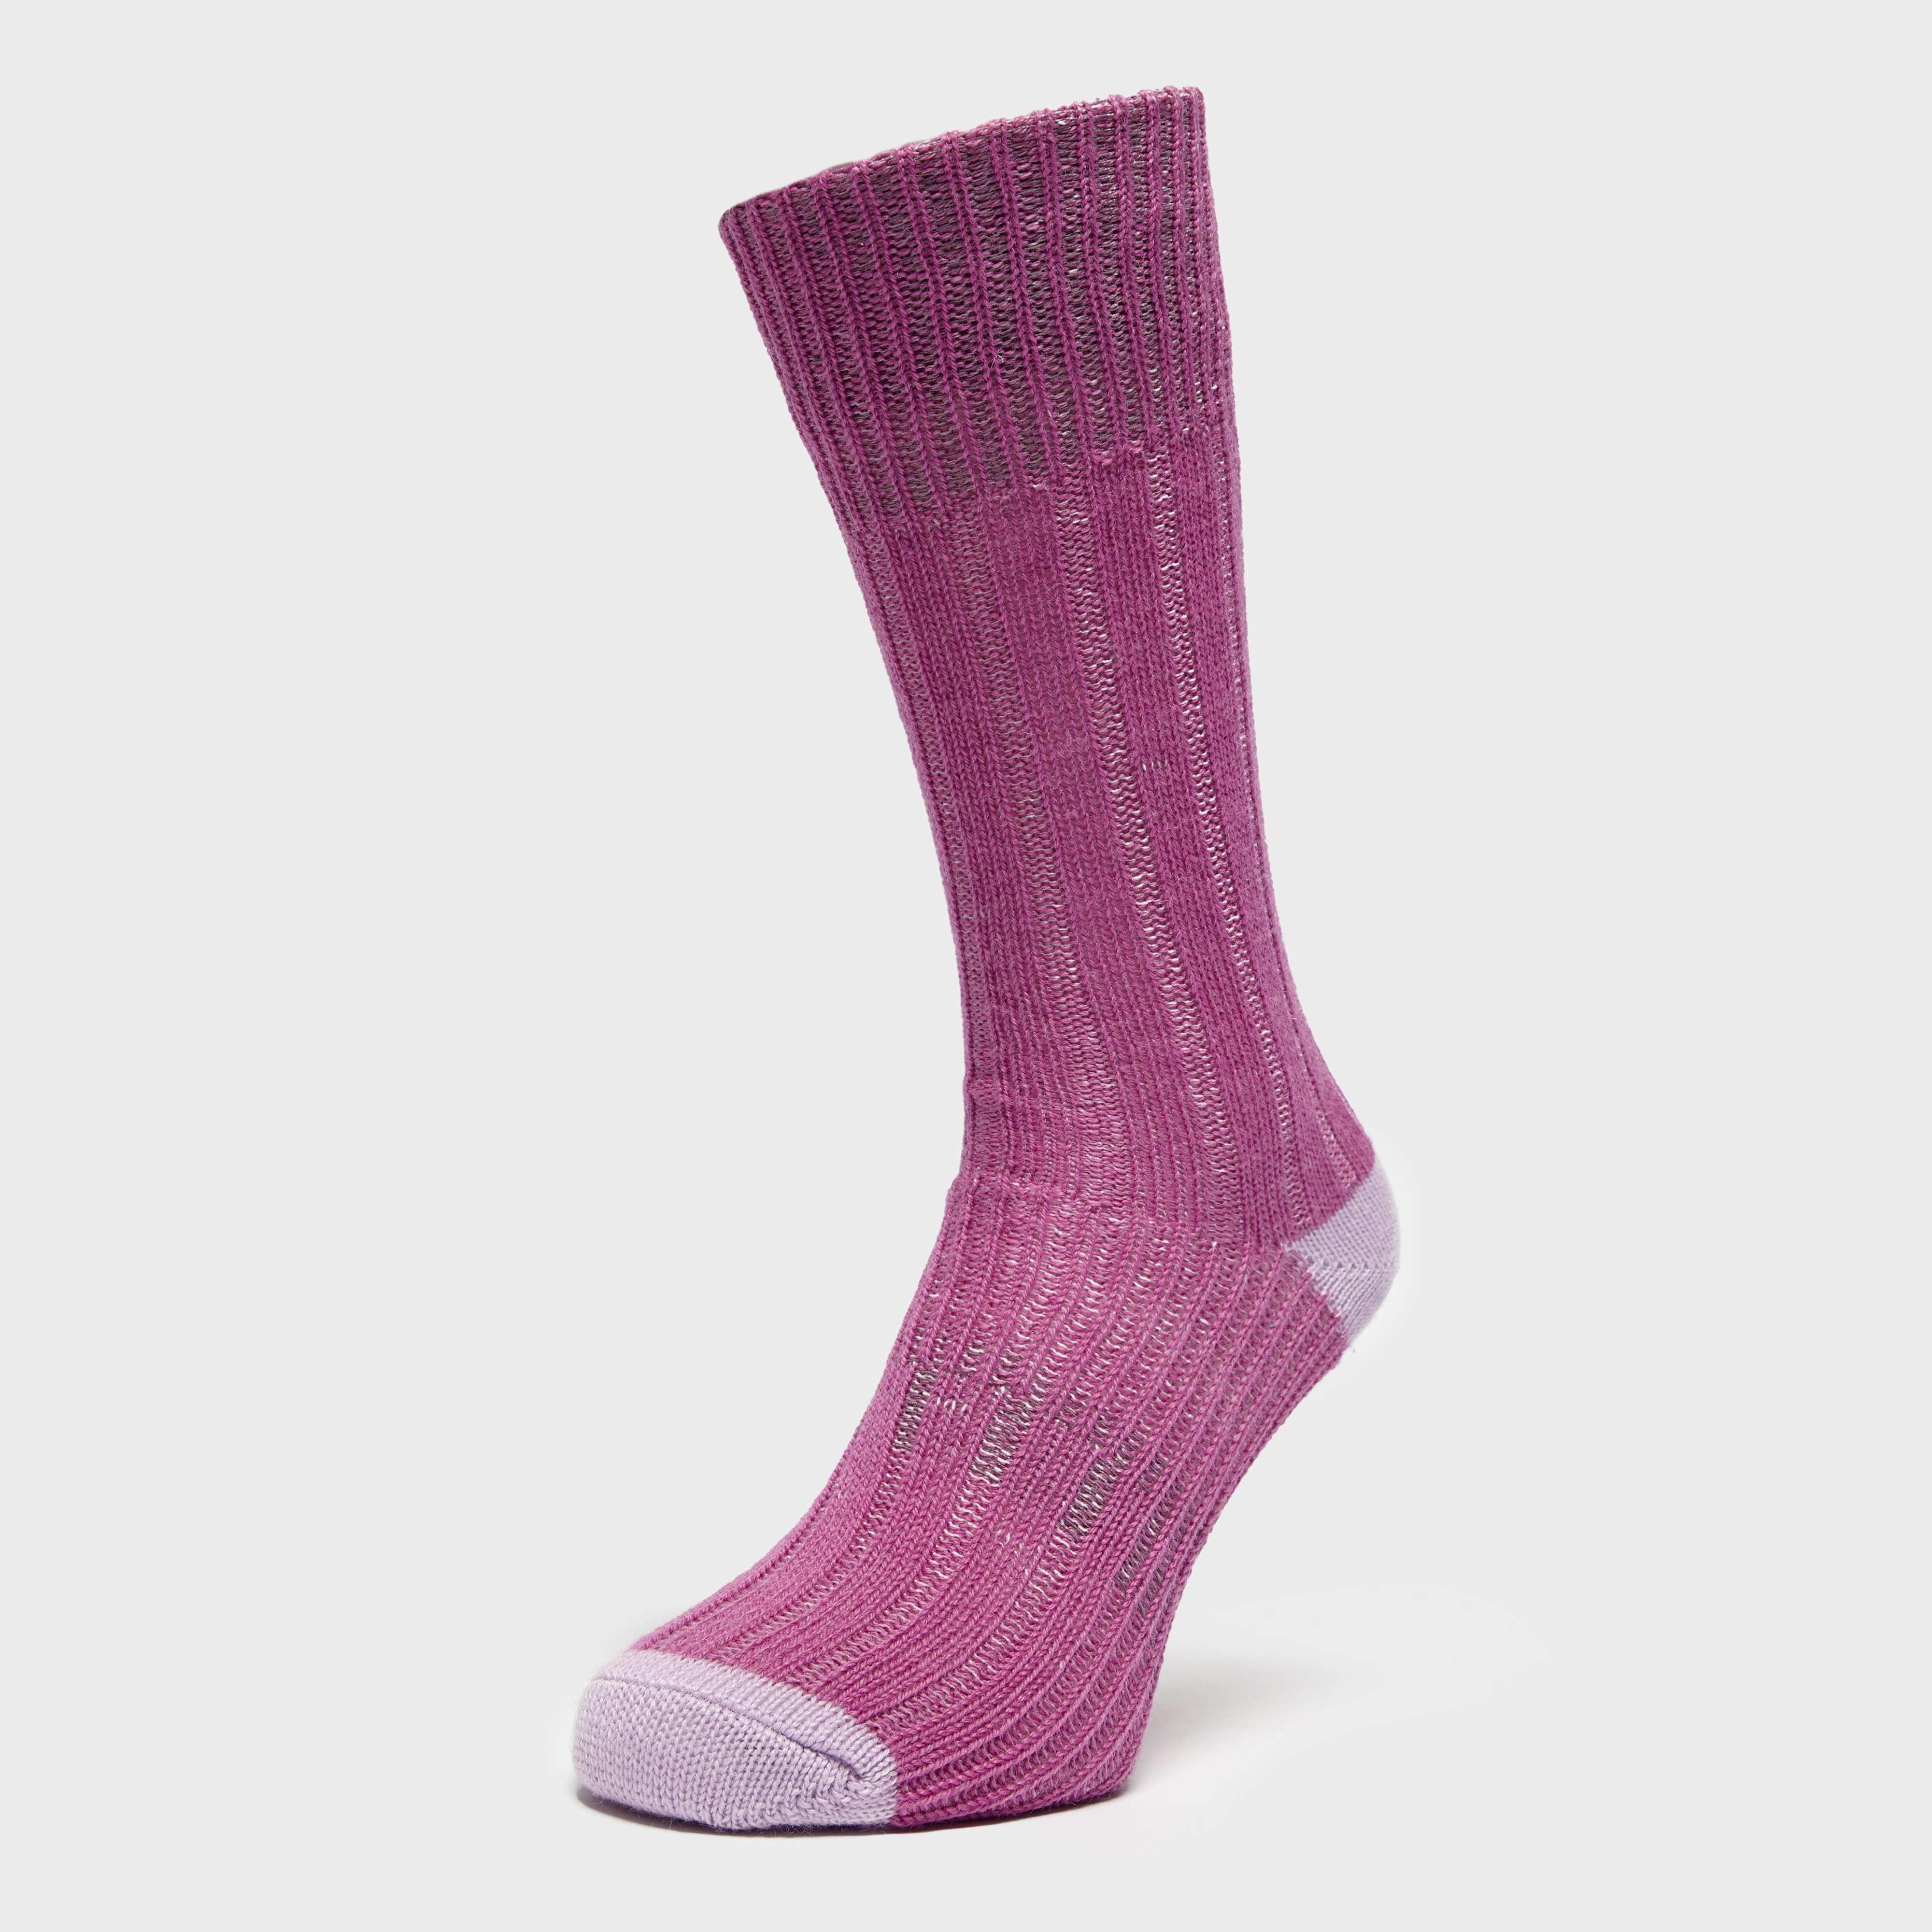 1000 MILE Women's Ultimate Heavyweight Walking Sock